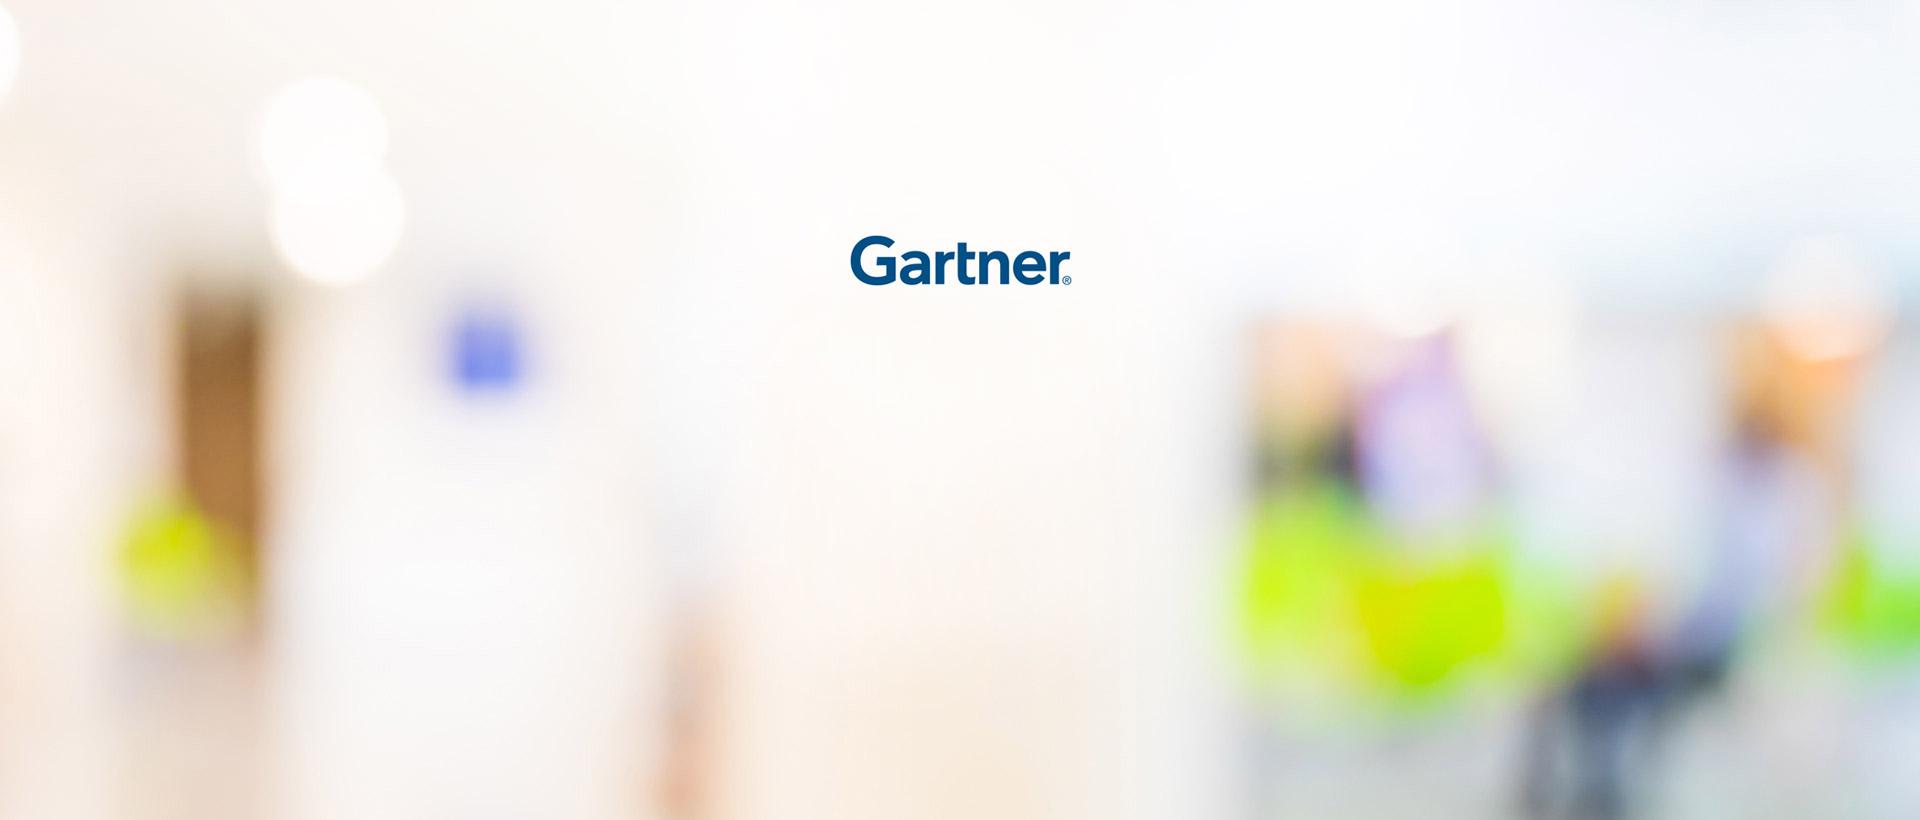 gartner_banner